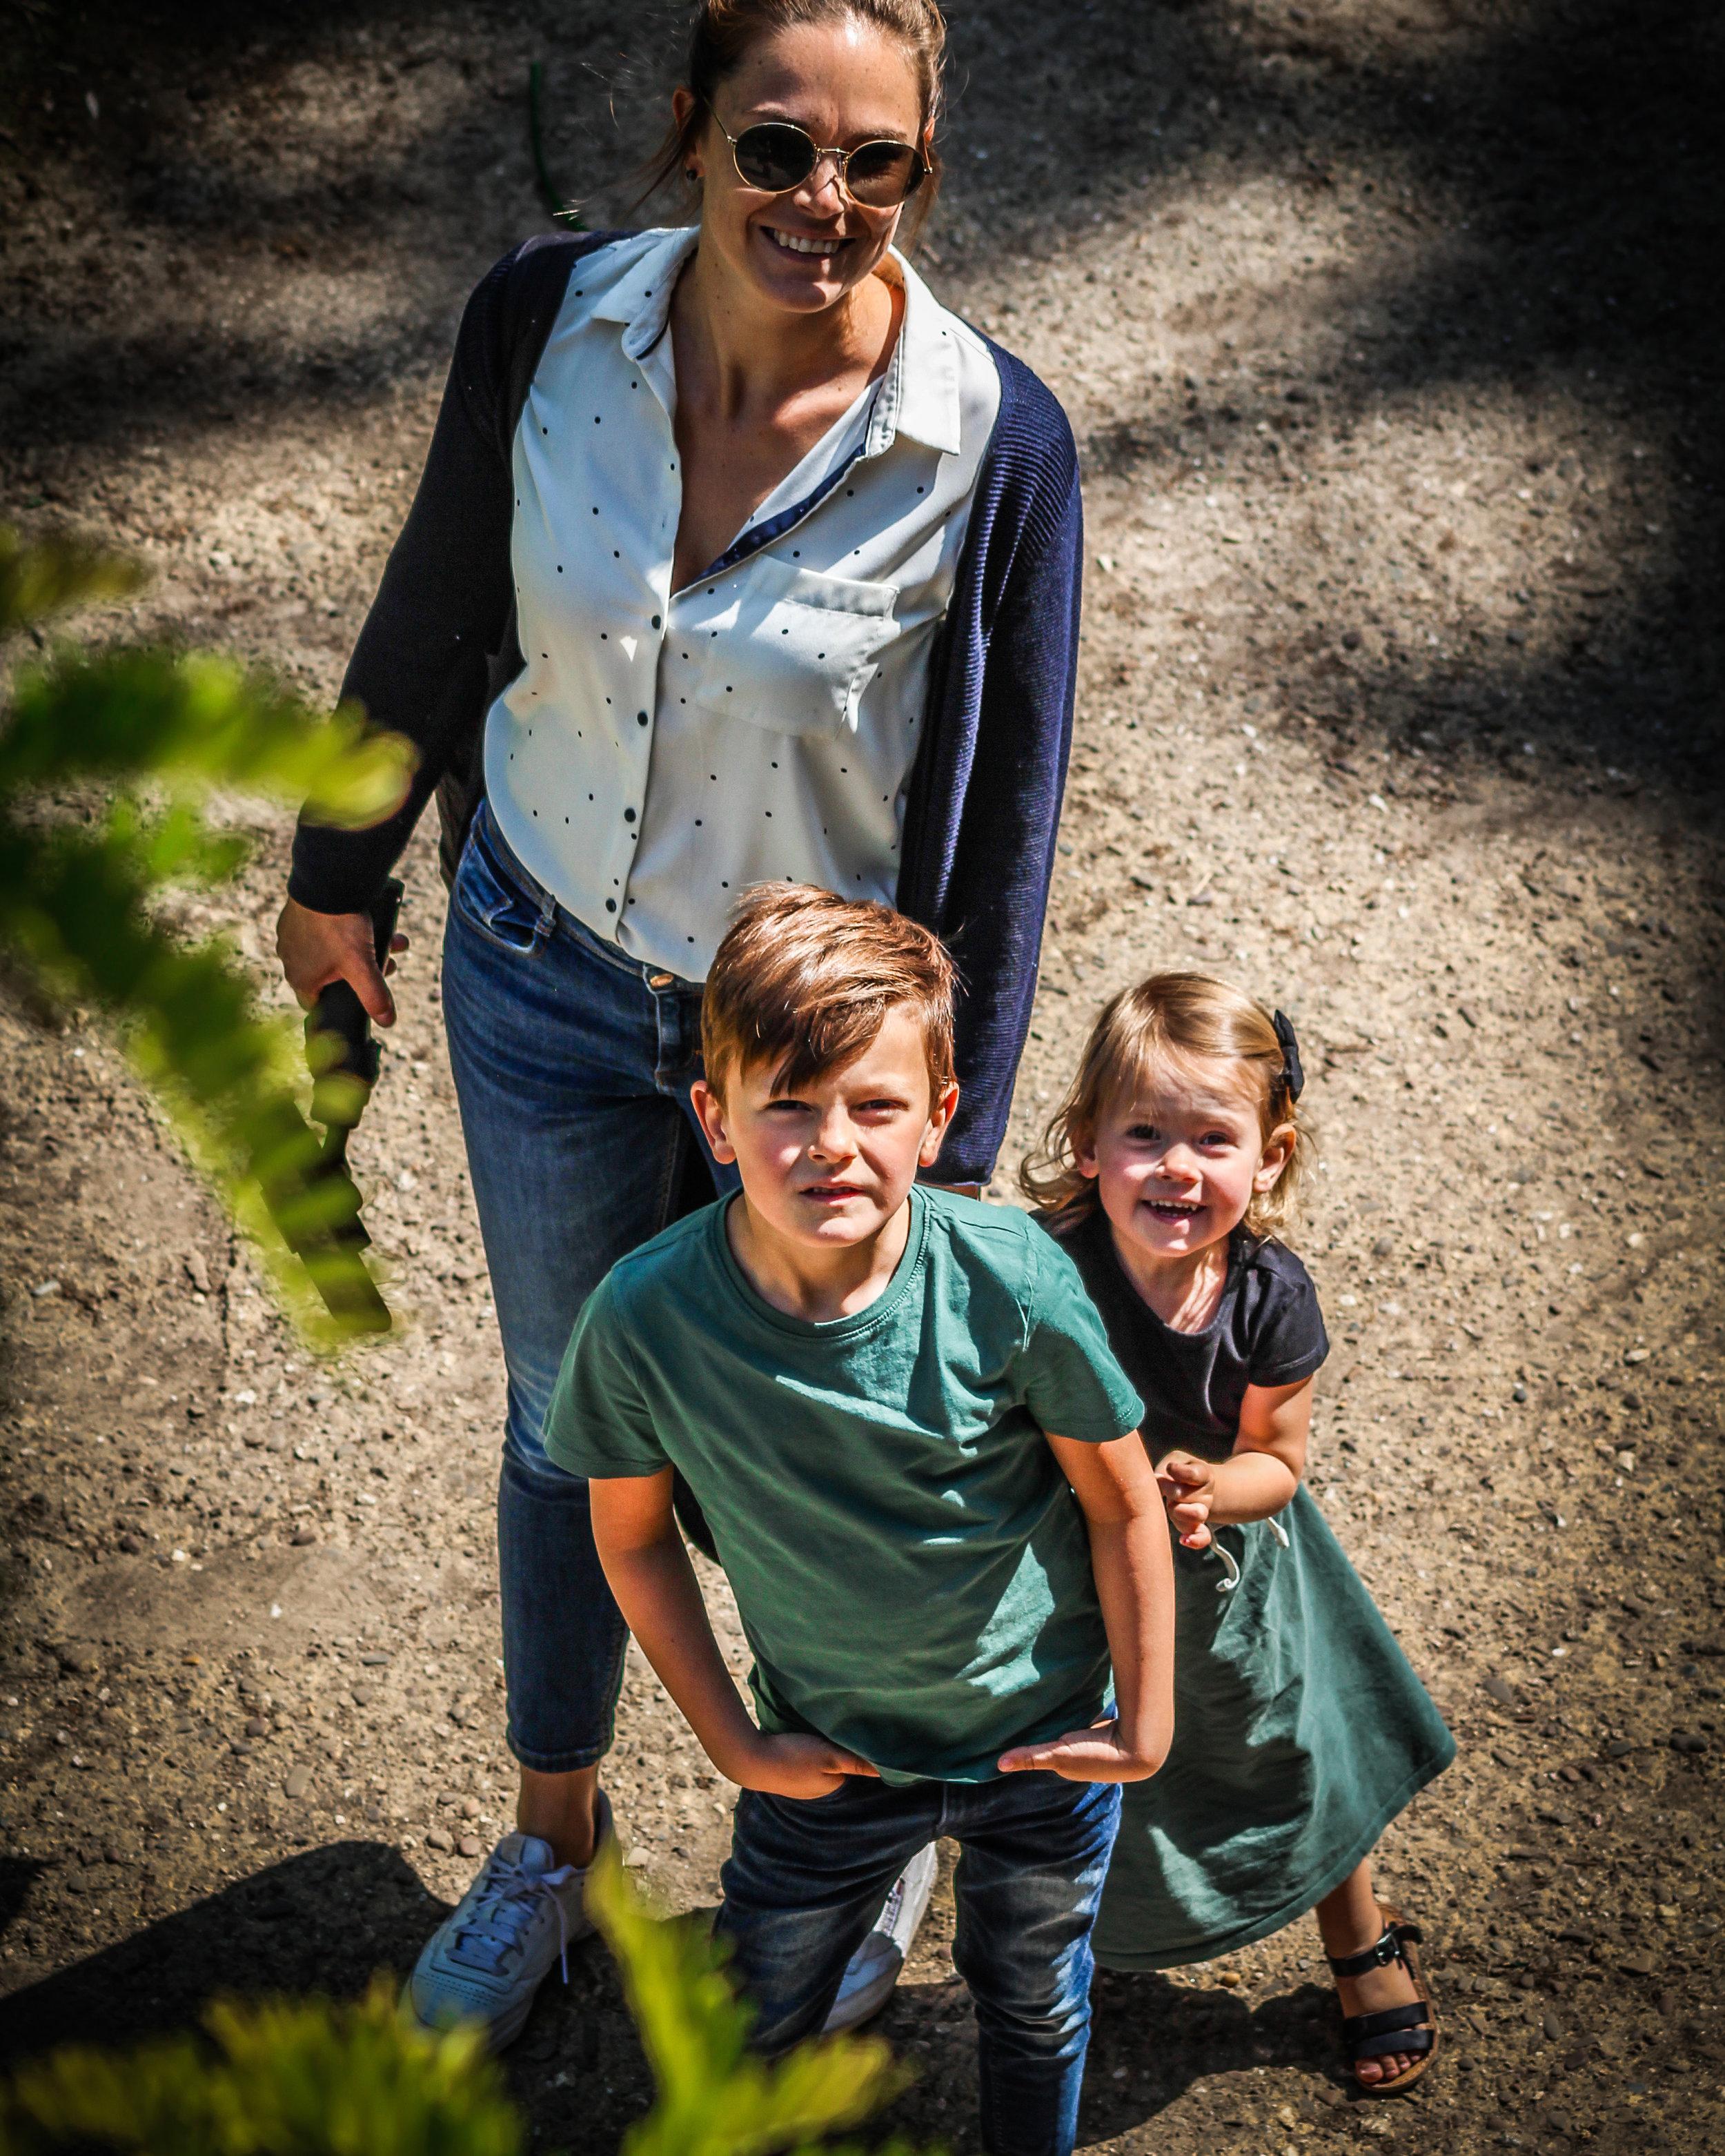 Limburglonkt - Kerkrade Gaiazoo - reizen met kinderen